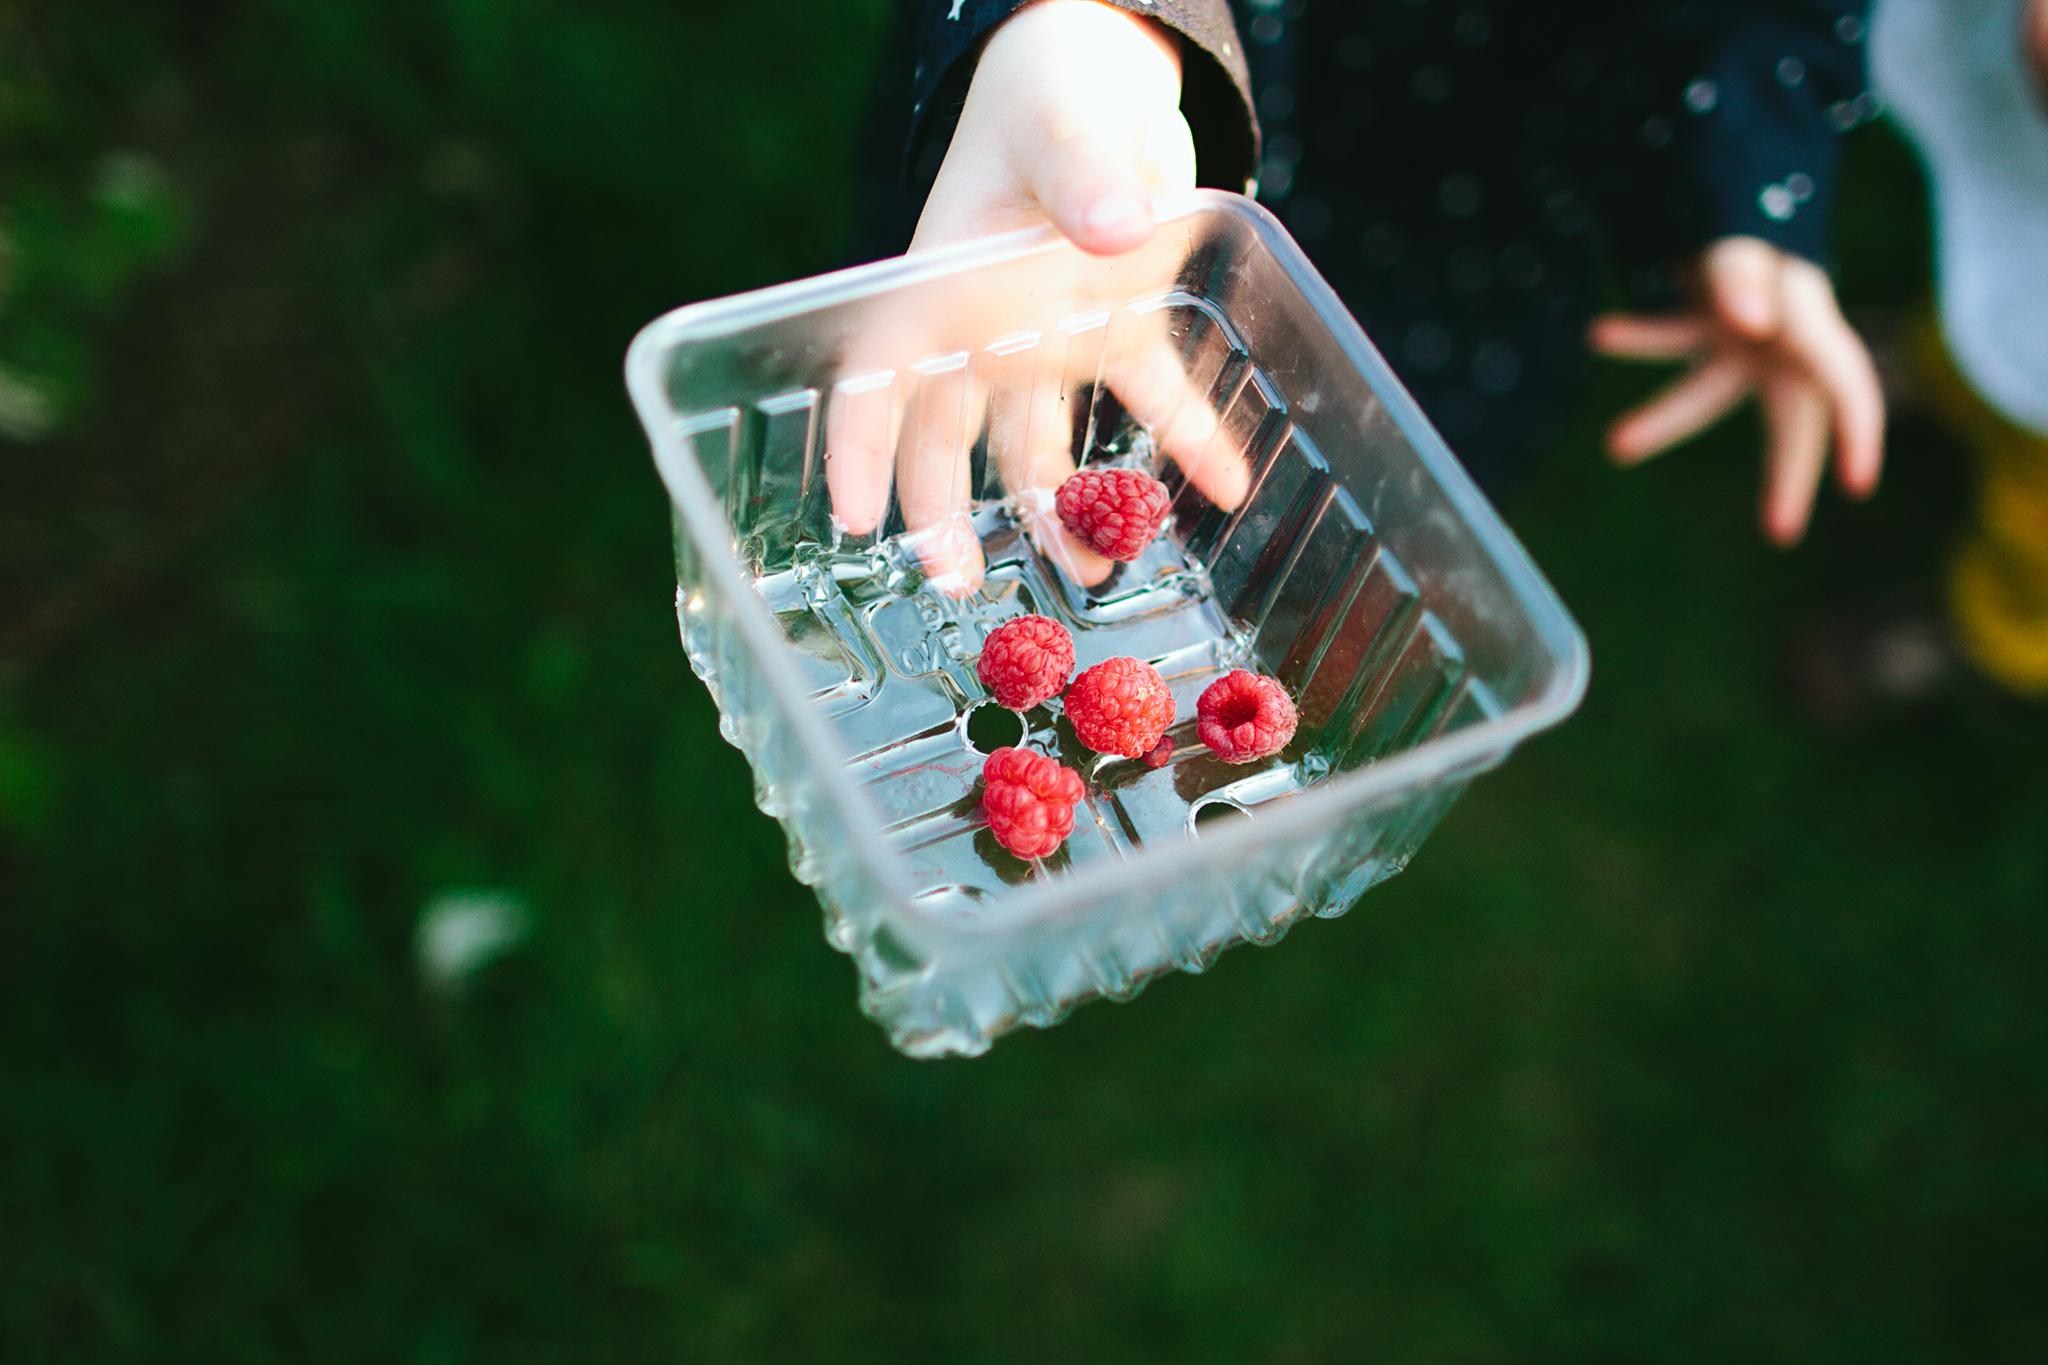 Picking berries near Seattle, Washington